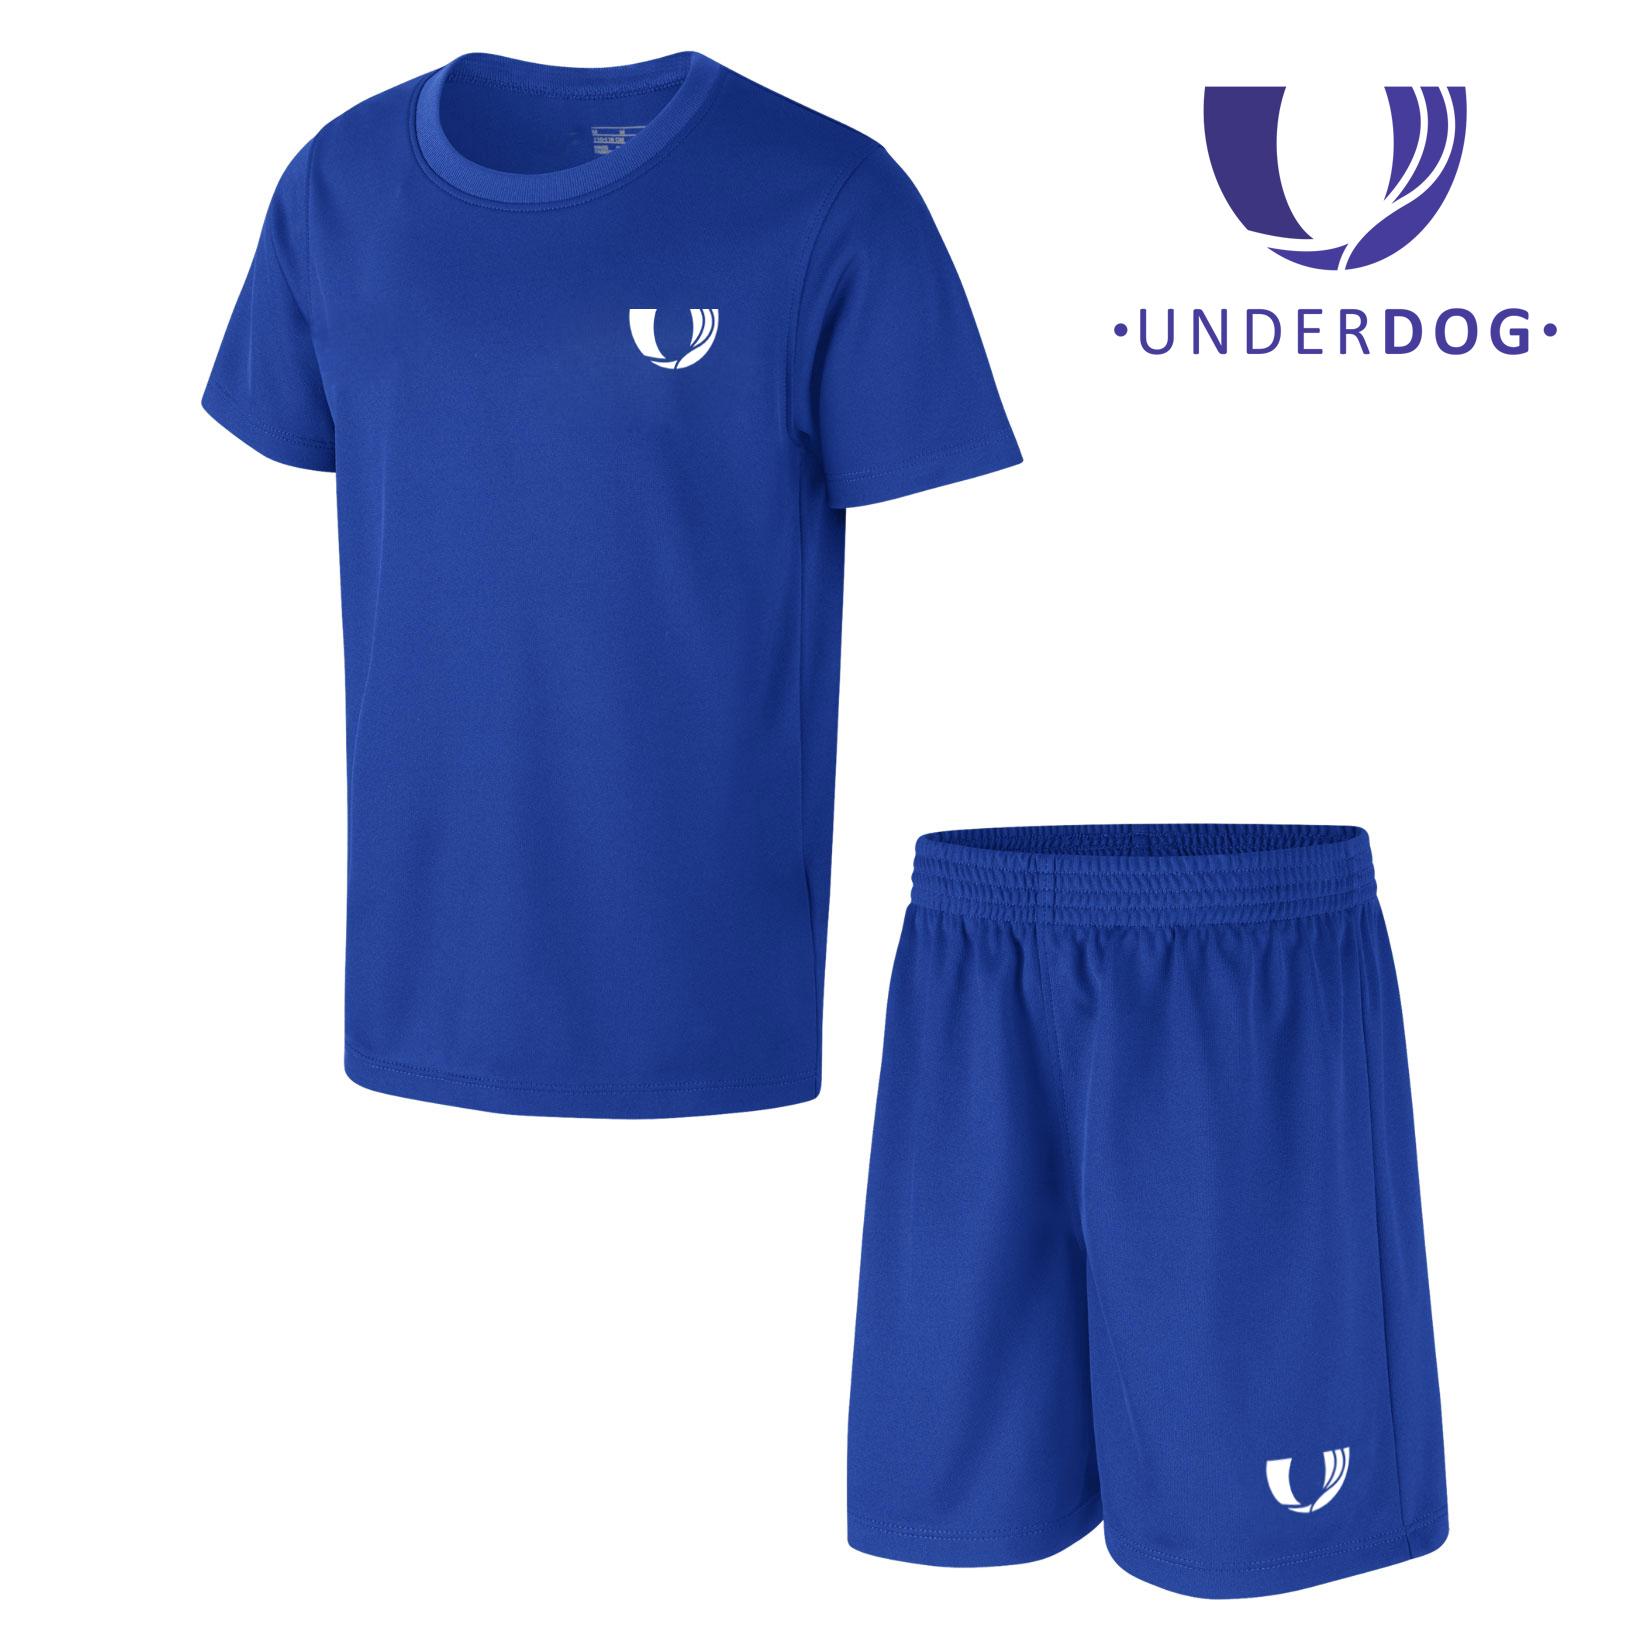 Футбольный клуб UNDERDOG - разработать фирстиль и бренд-бук фото f_4925cb04fb312c7e.jpg